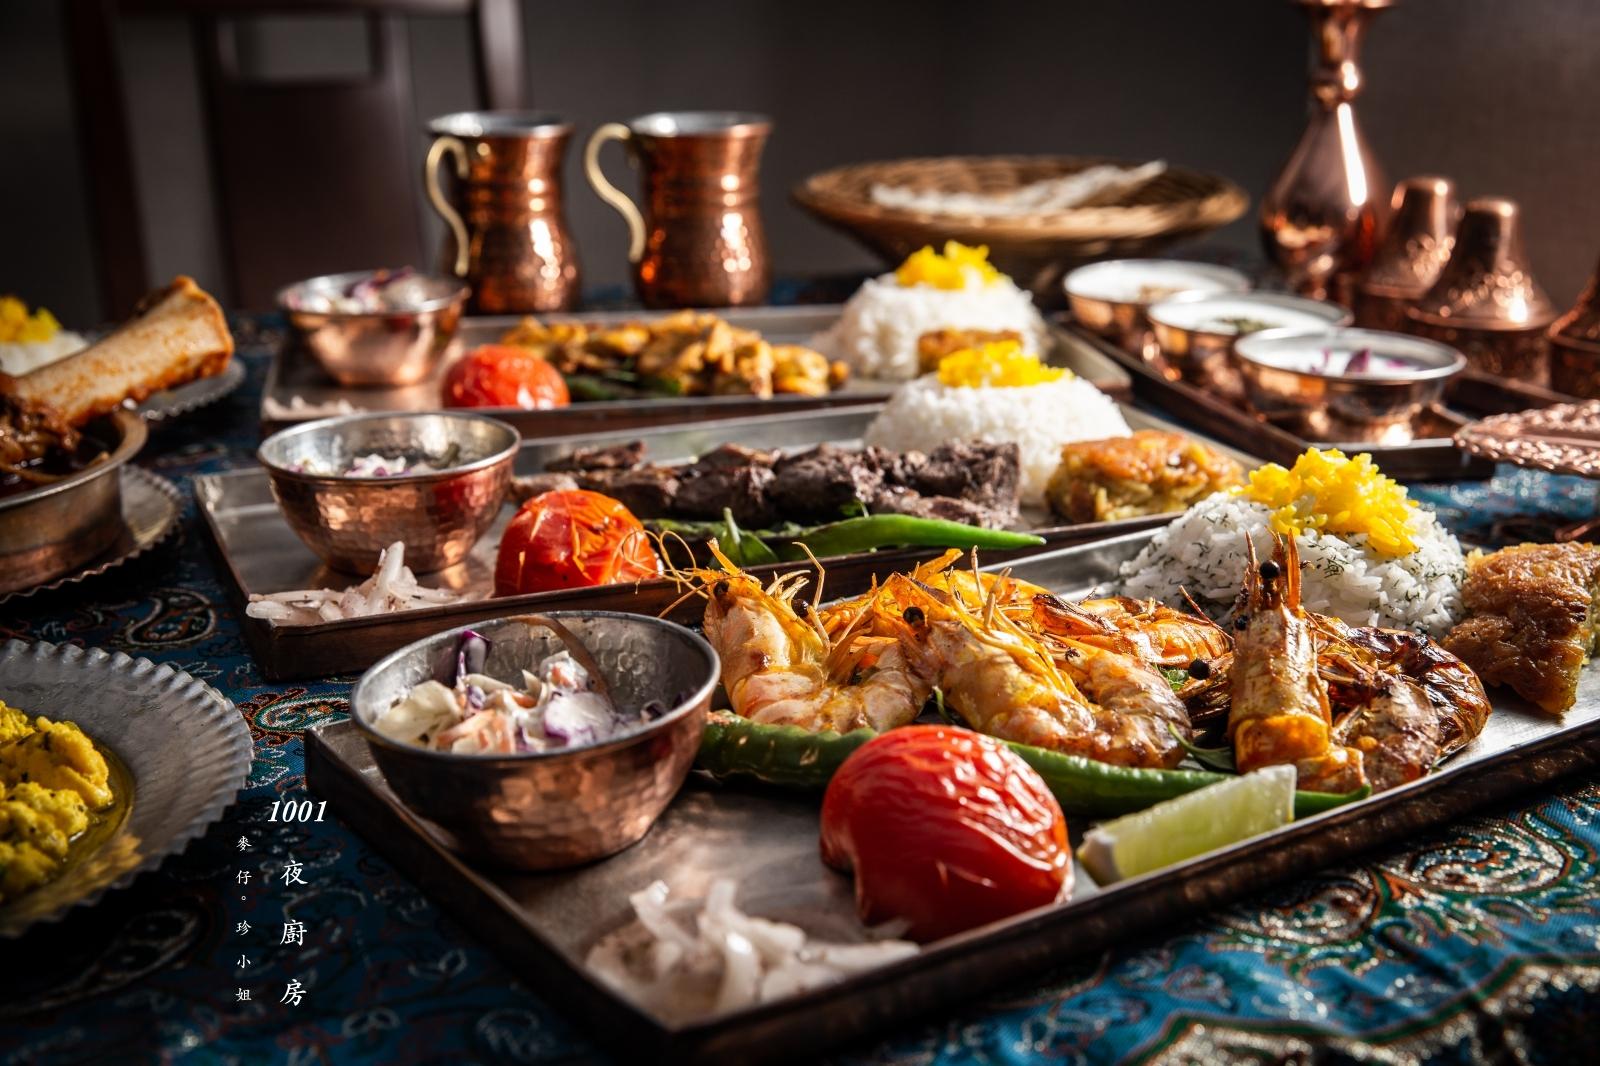 台北美食。一千零一夜廚房 1001 Nights Kitchen |正宗的伊朗特色料理